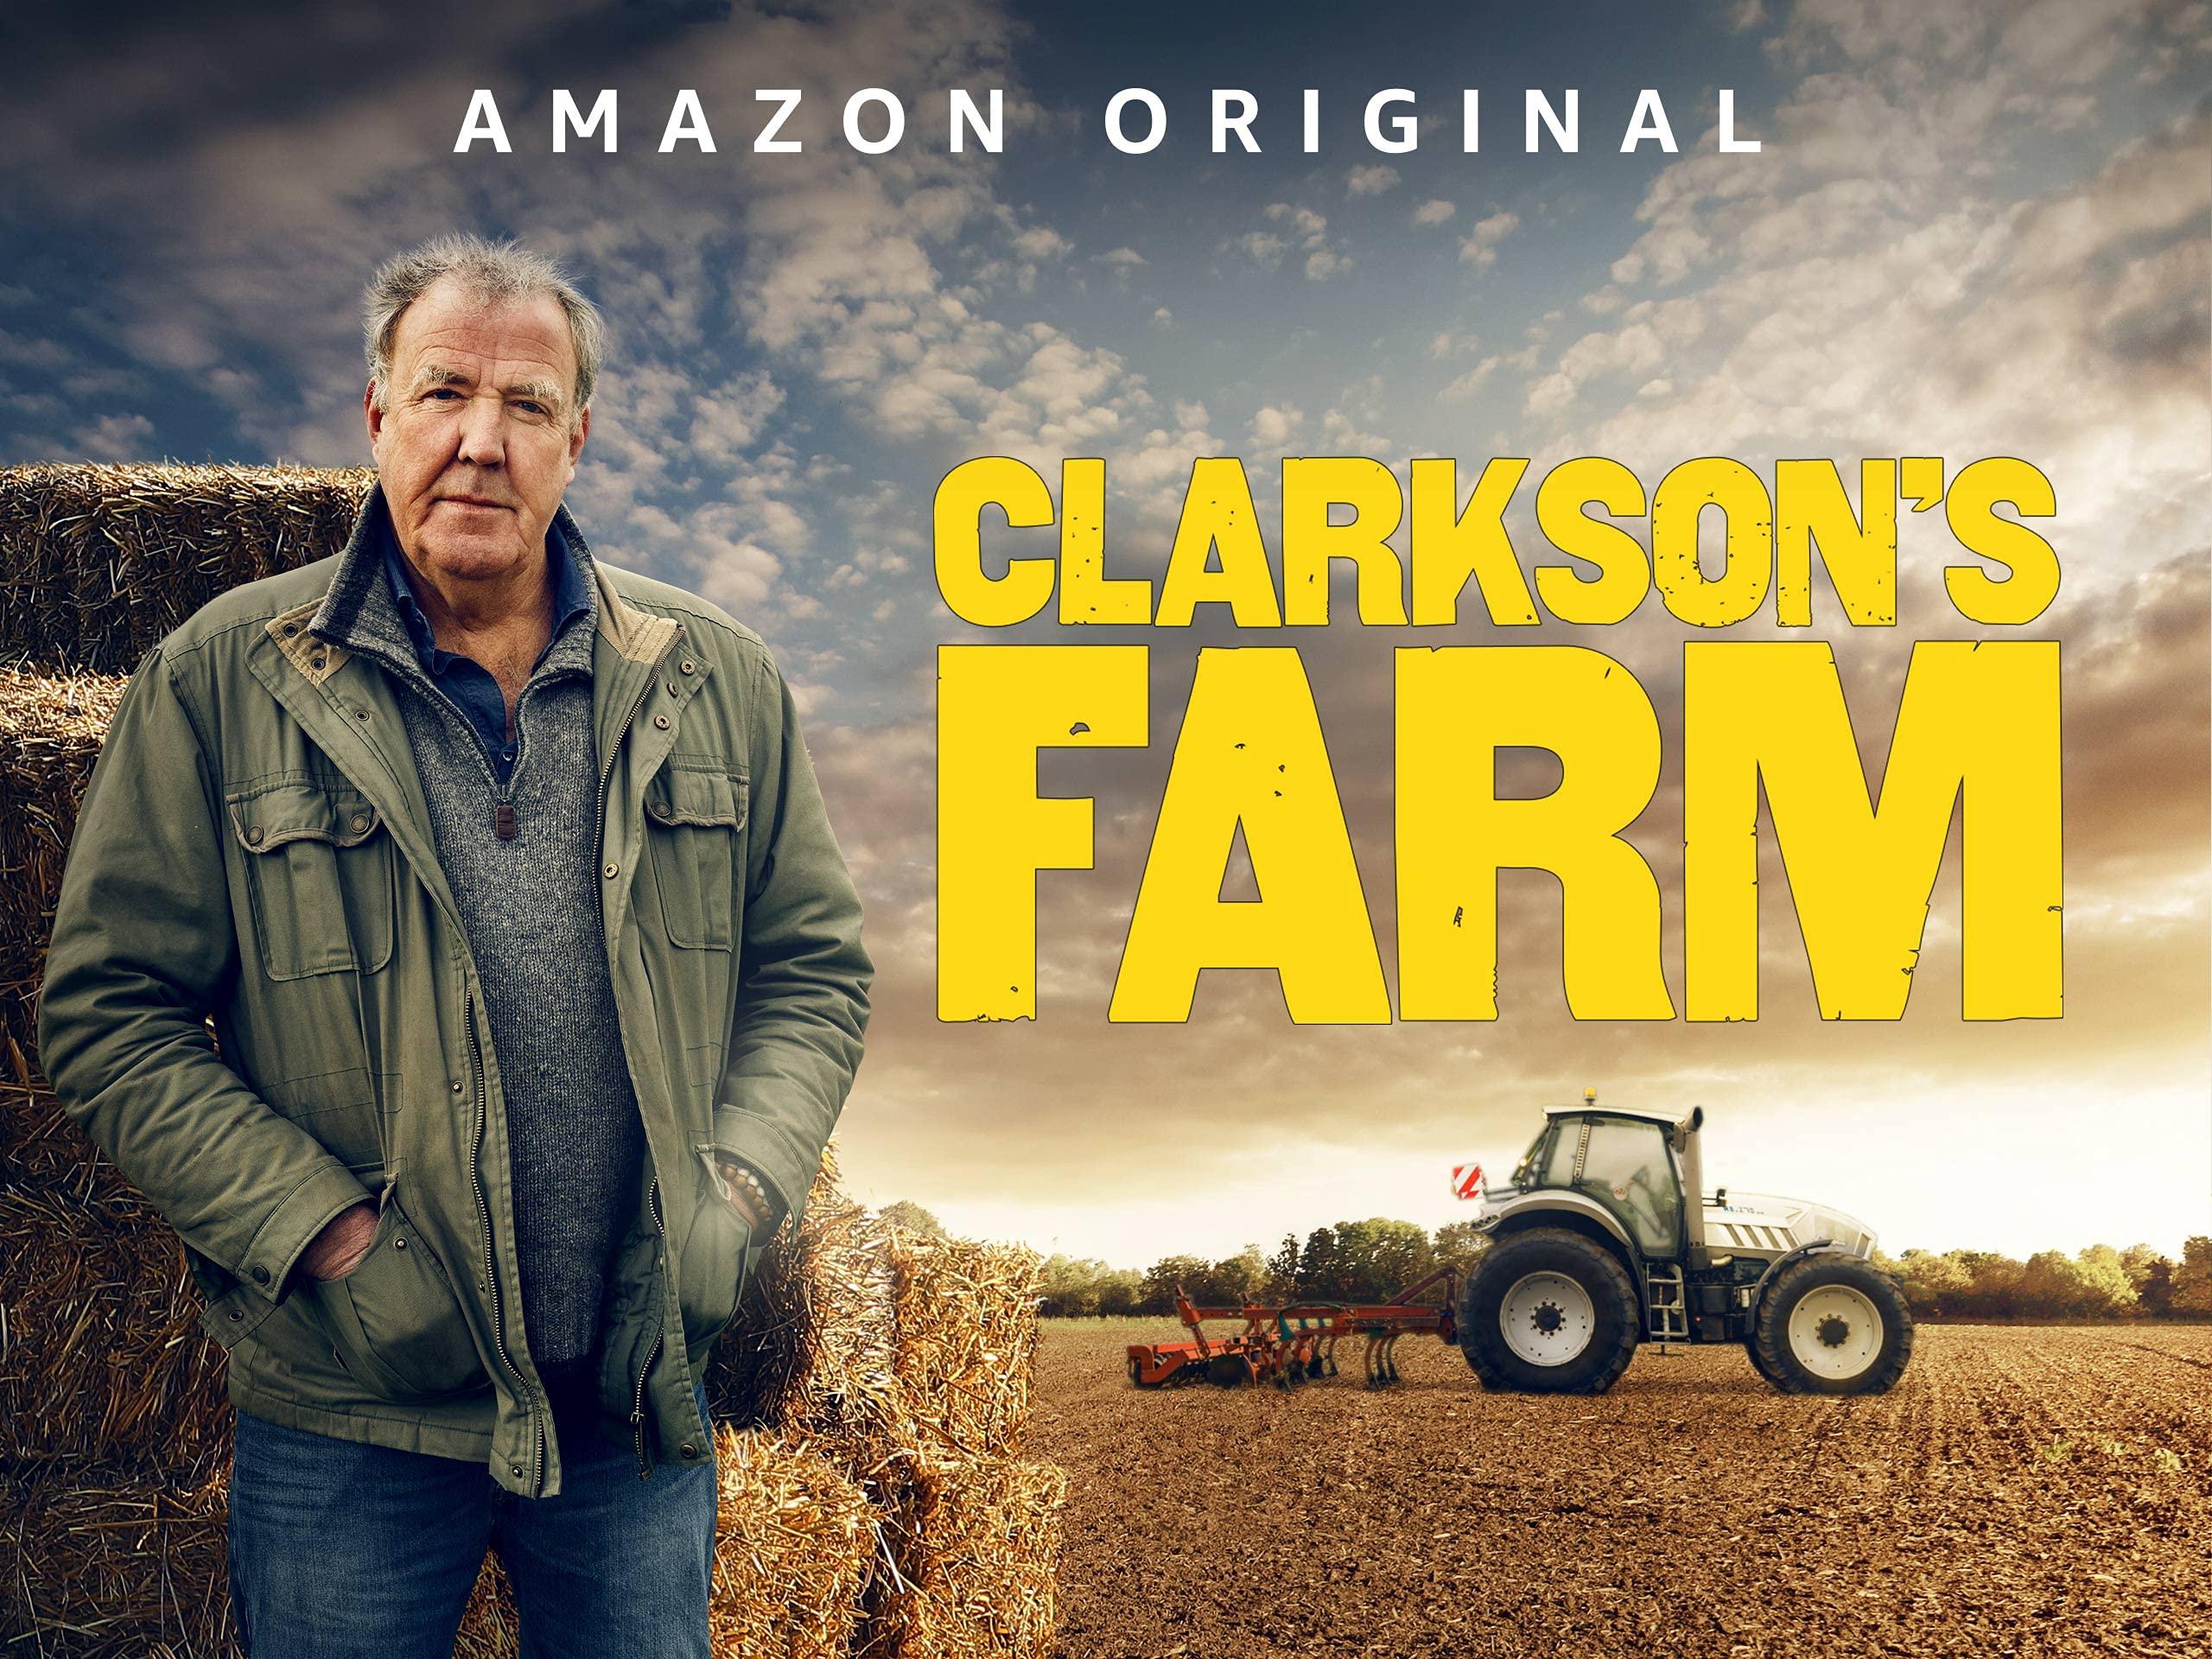 مزرعه کلارکسون (مستند)